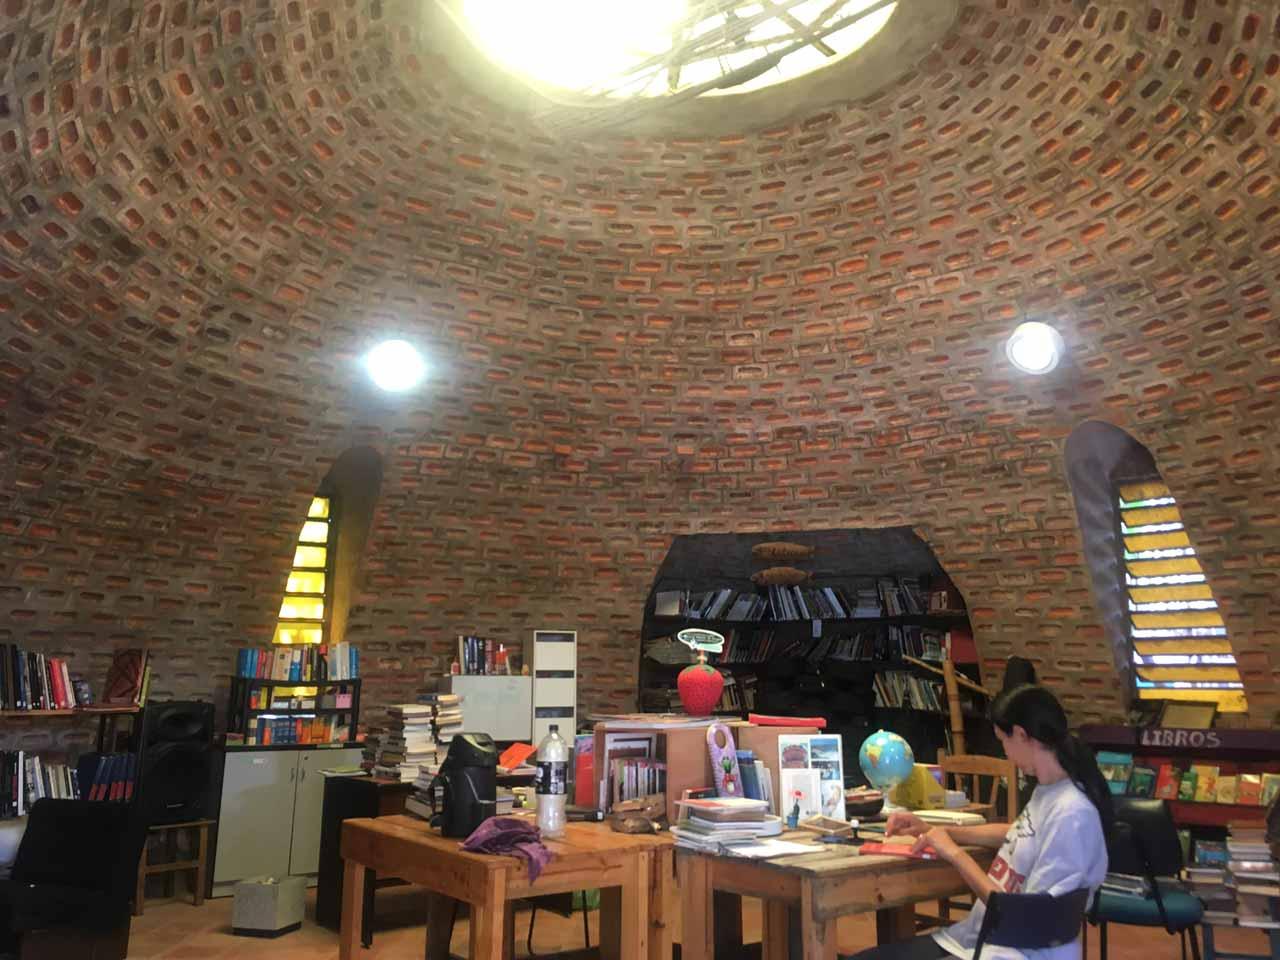 ウーゴの作ったドームの中の図書館の写真